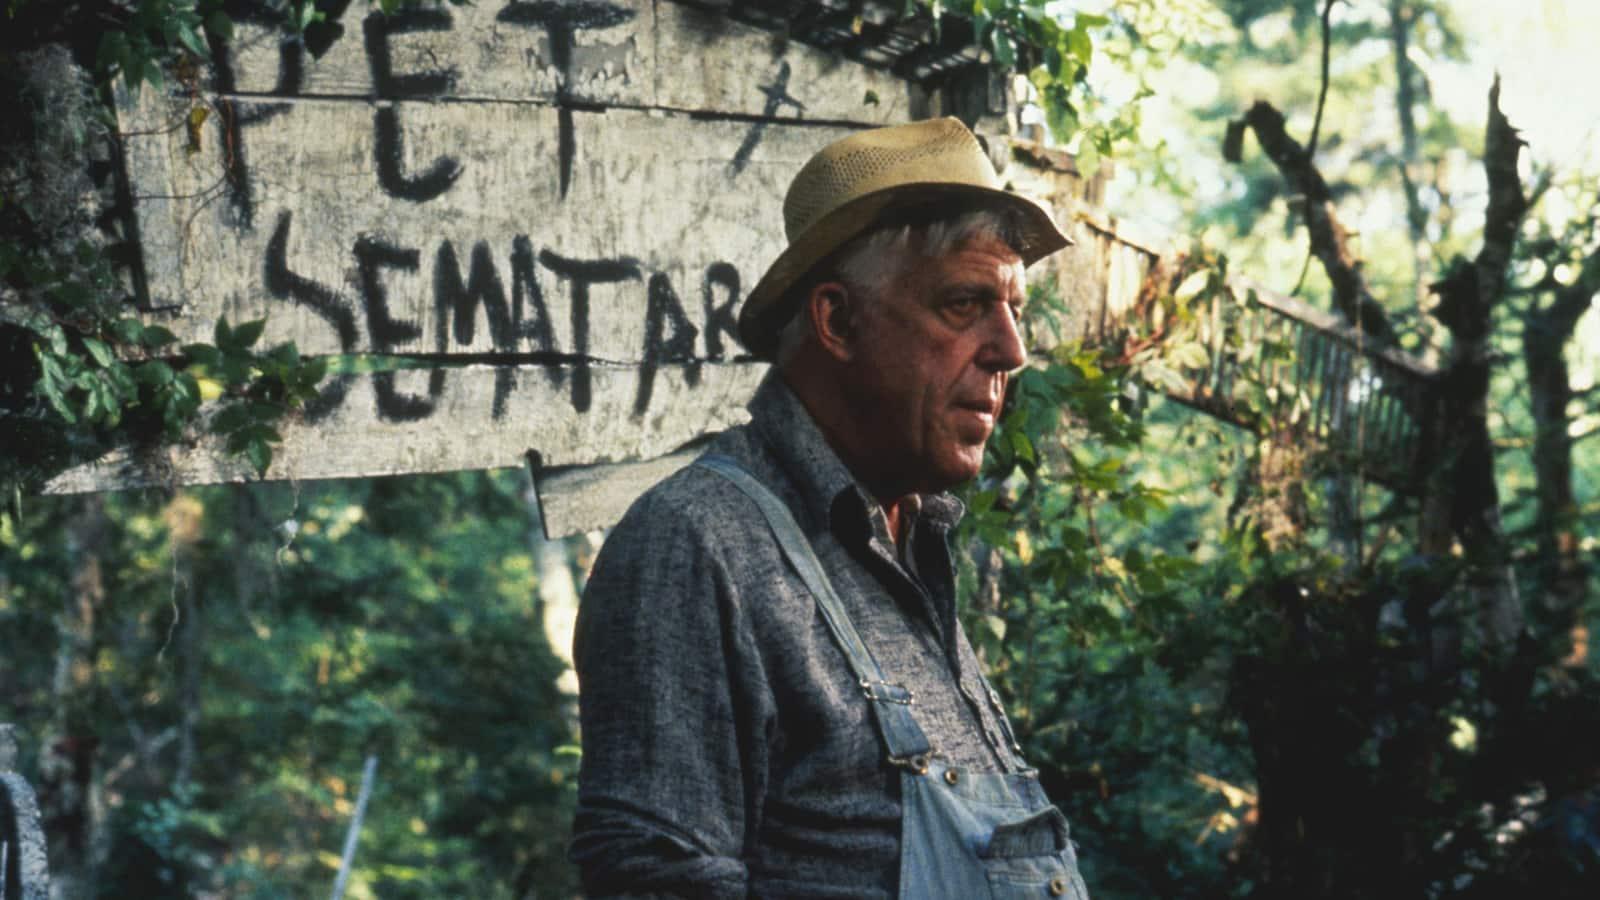 jurtjyrkogarden-1989